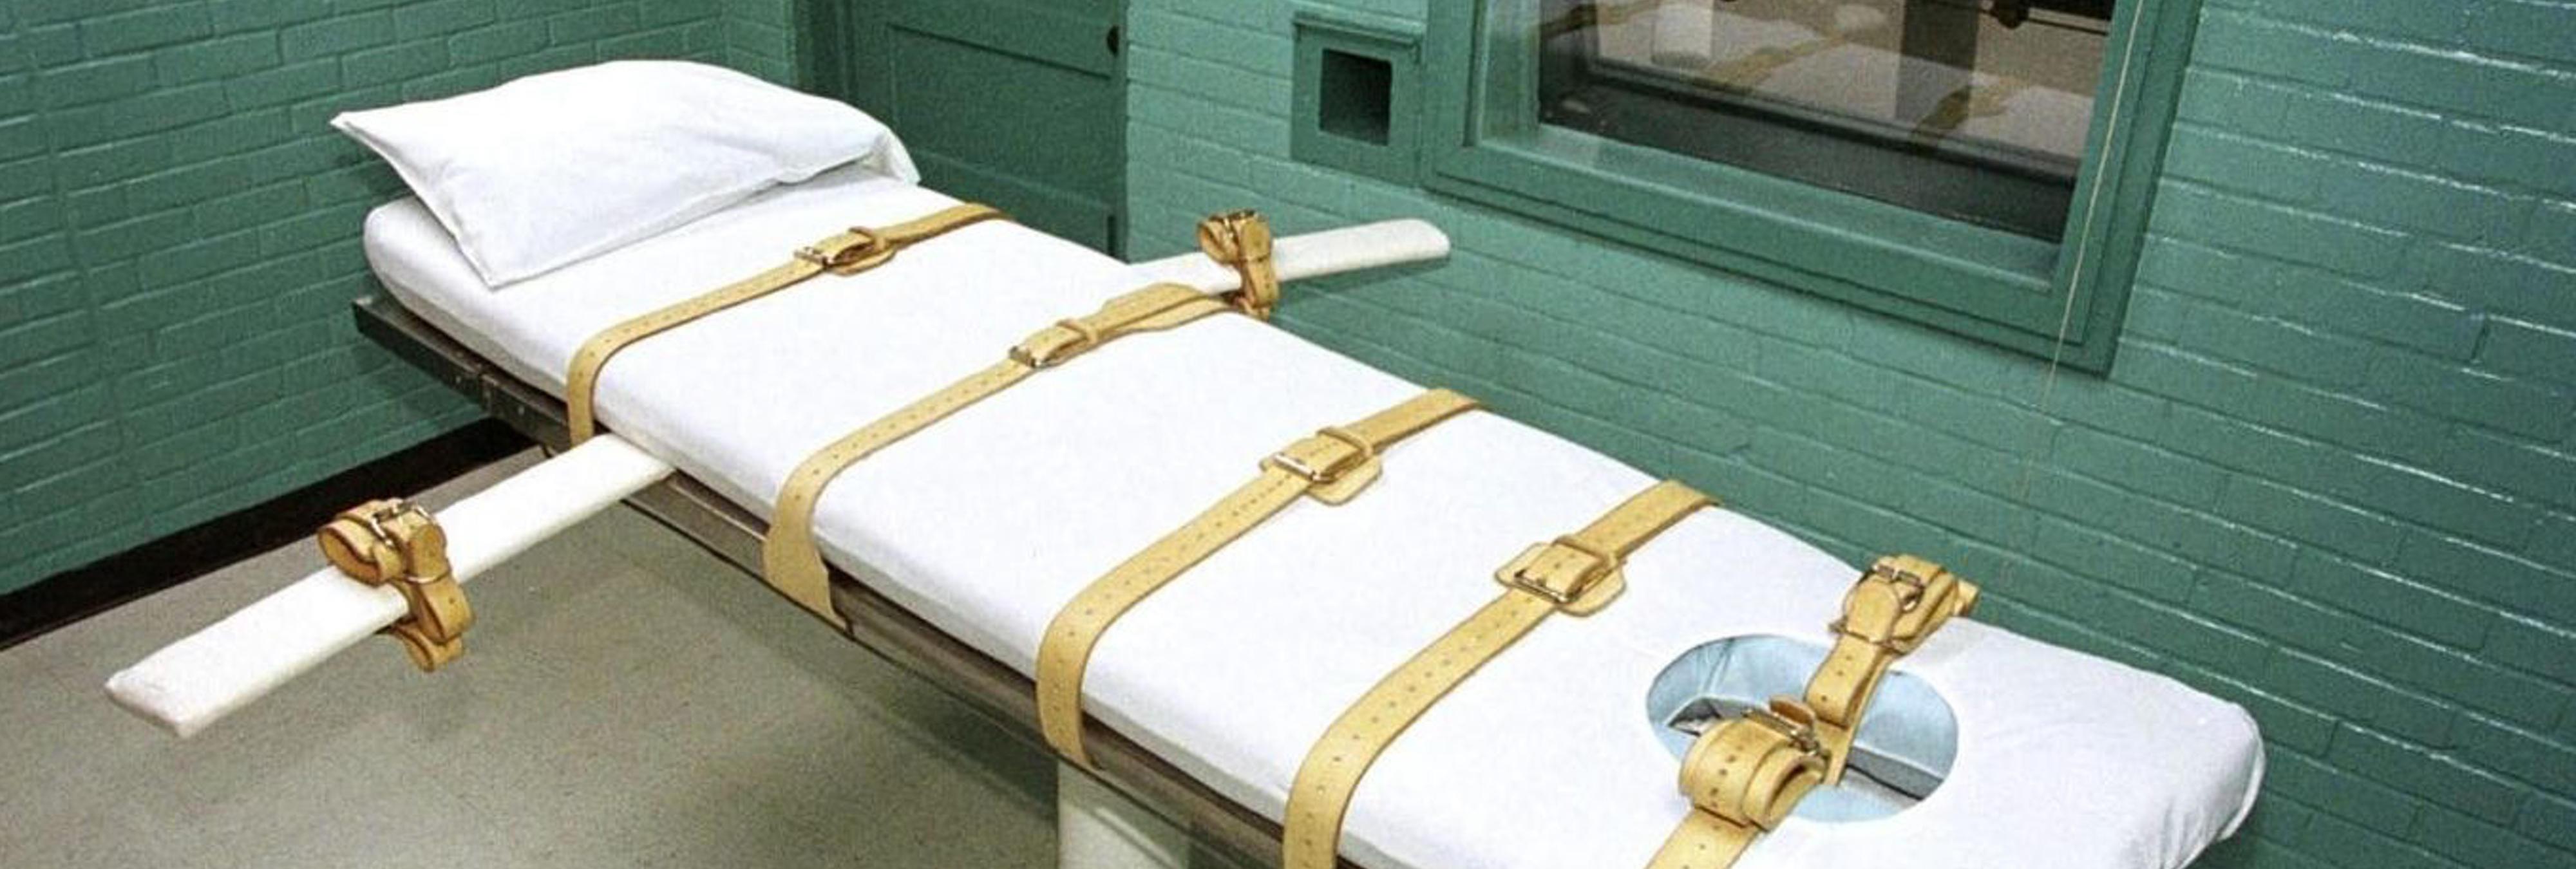 Declaran inocente a un joven ejecutado hace 21 años